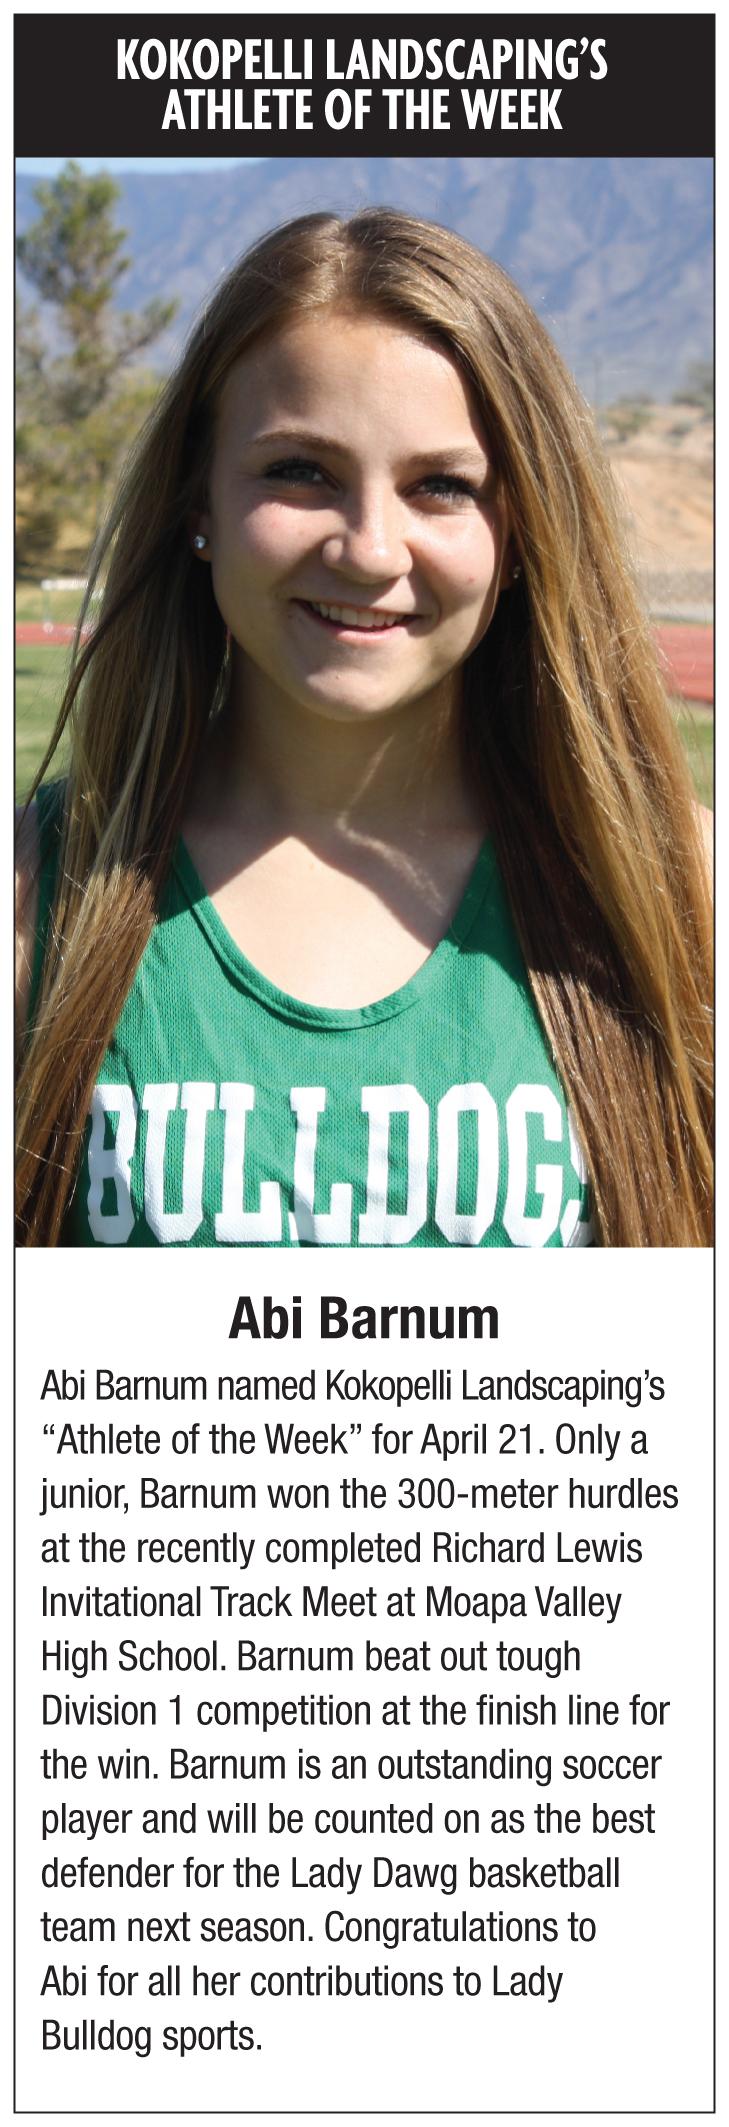 Kokopelli Landscaping's Athlete of the Week- Abi Barnum